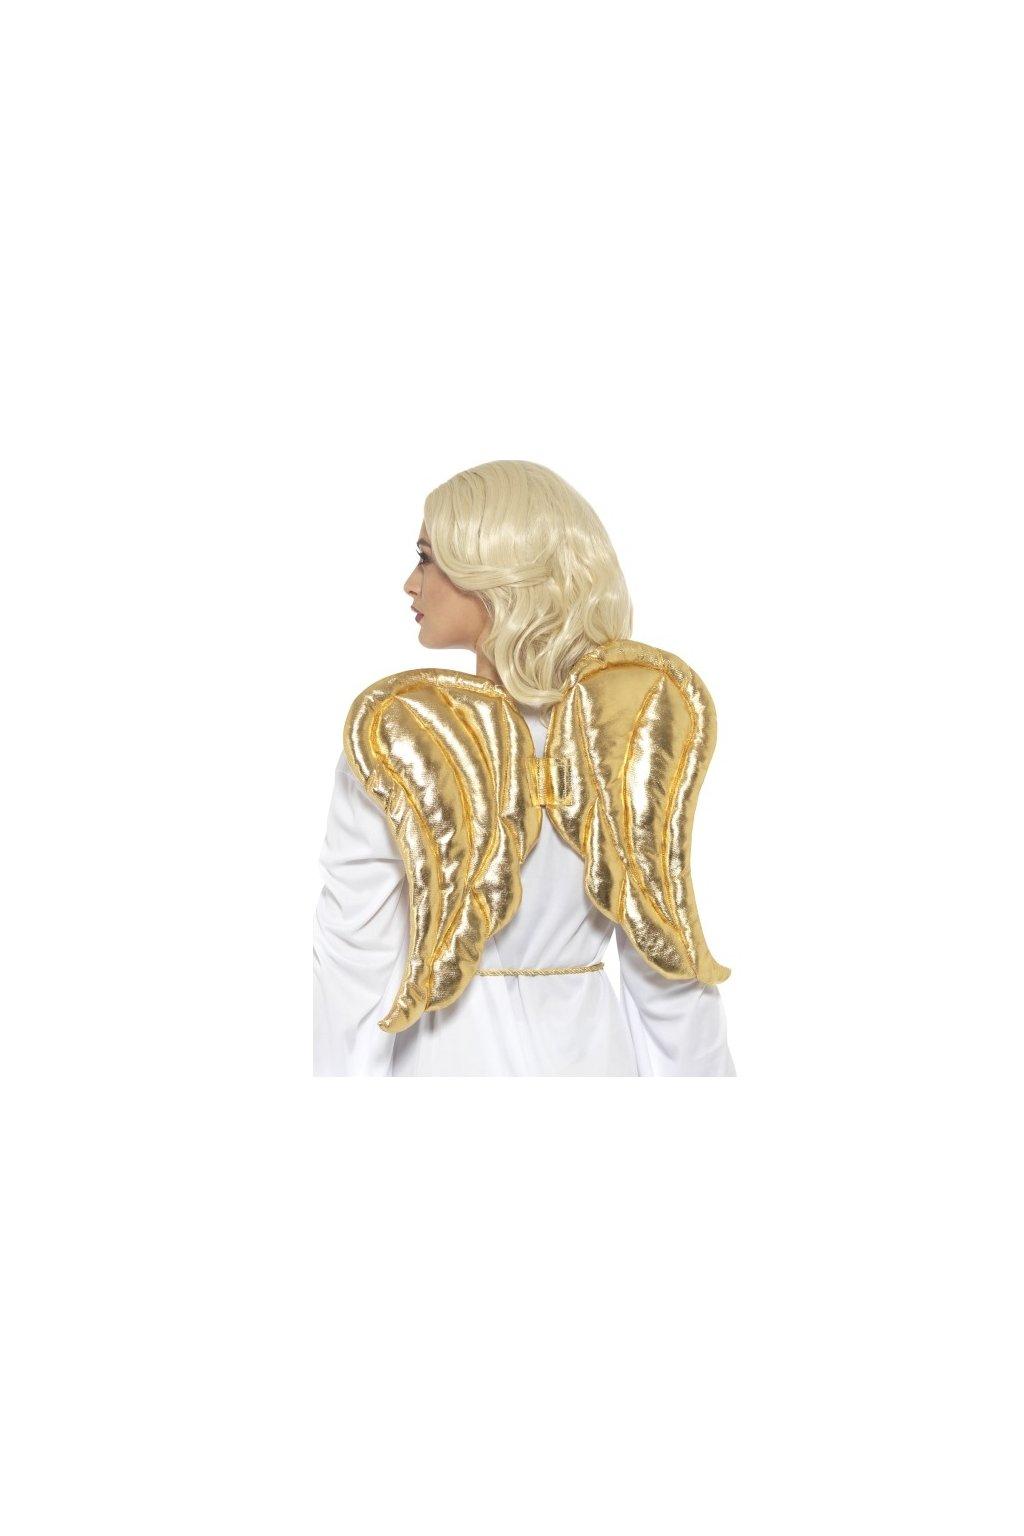 Andělská křídla zlatá - deluxe